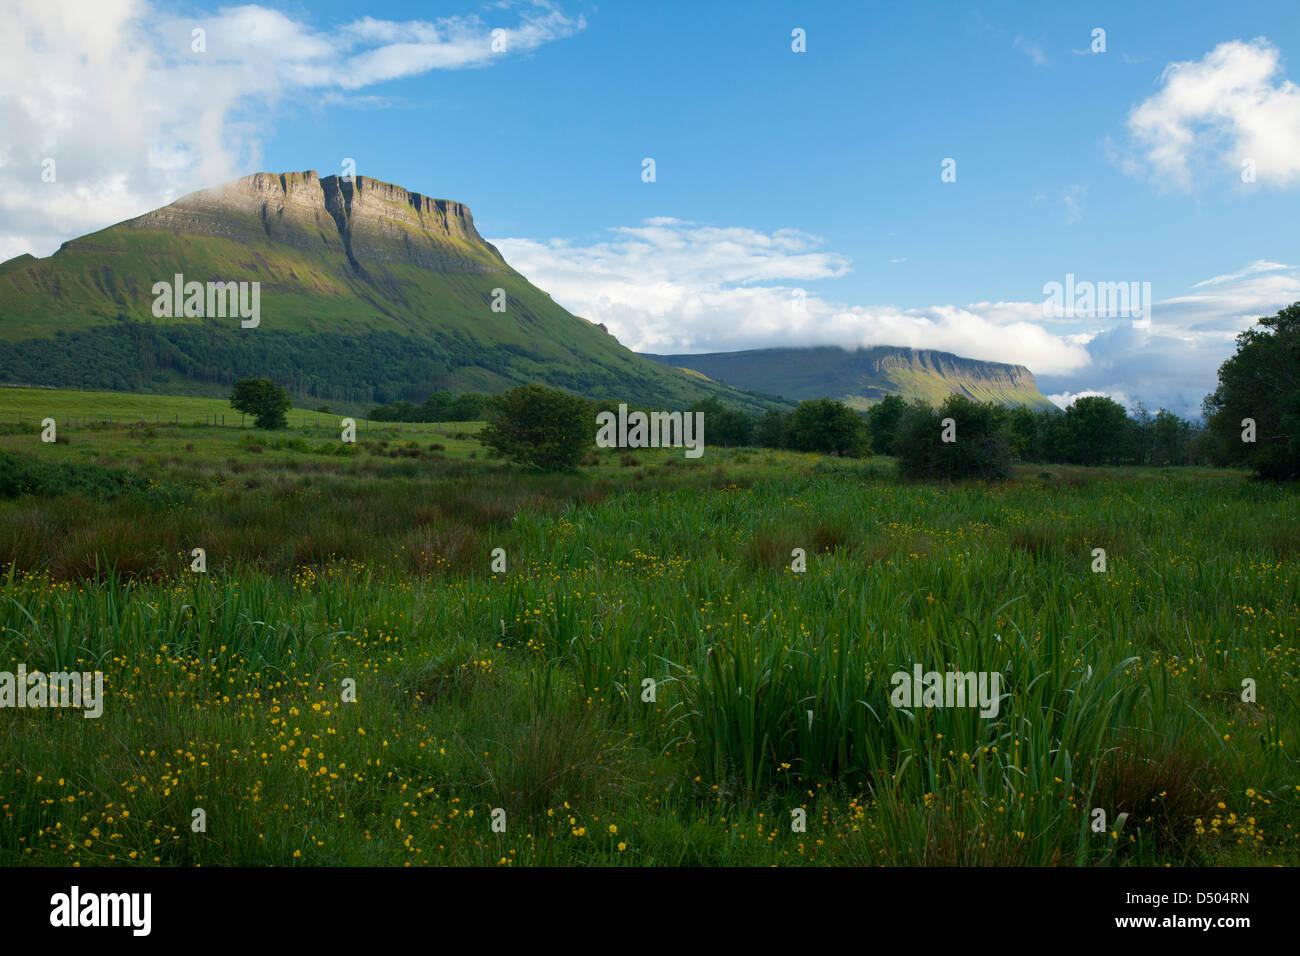 Wildflower meadow beneath Benwiskin mountain, County Sligo, Ireland. Stock Photo